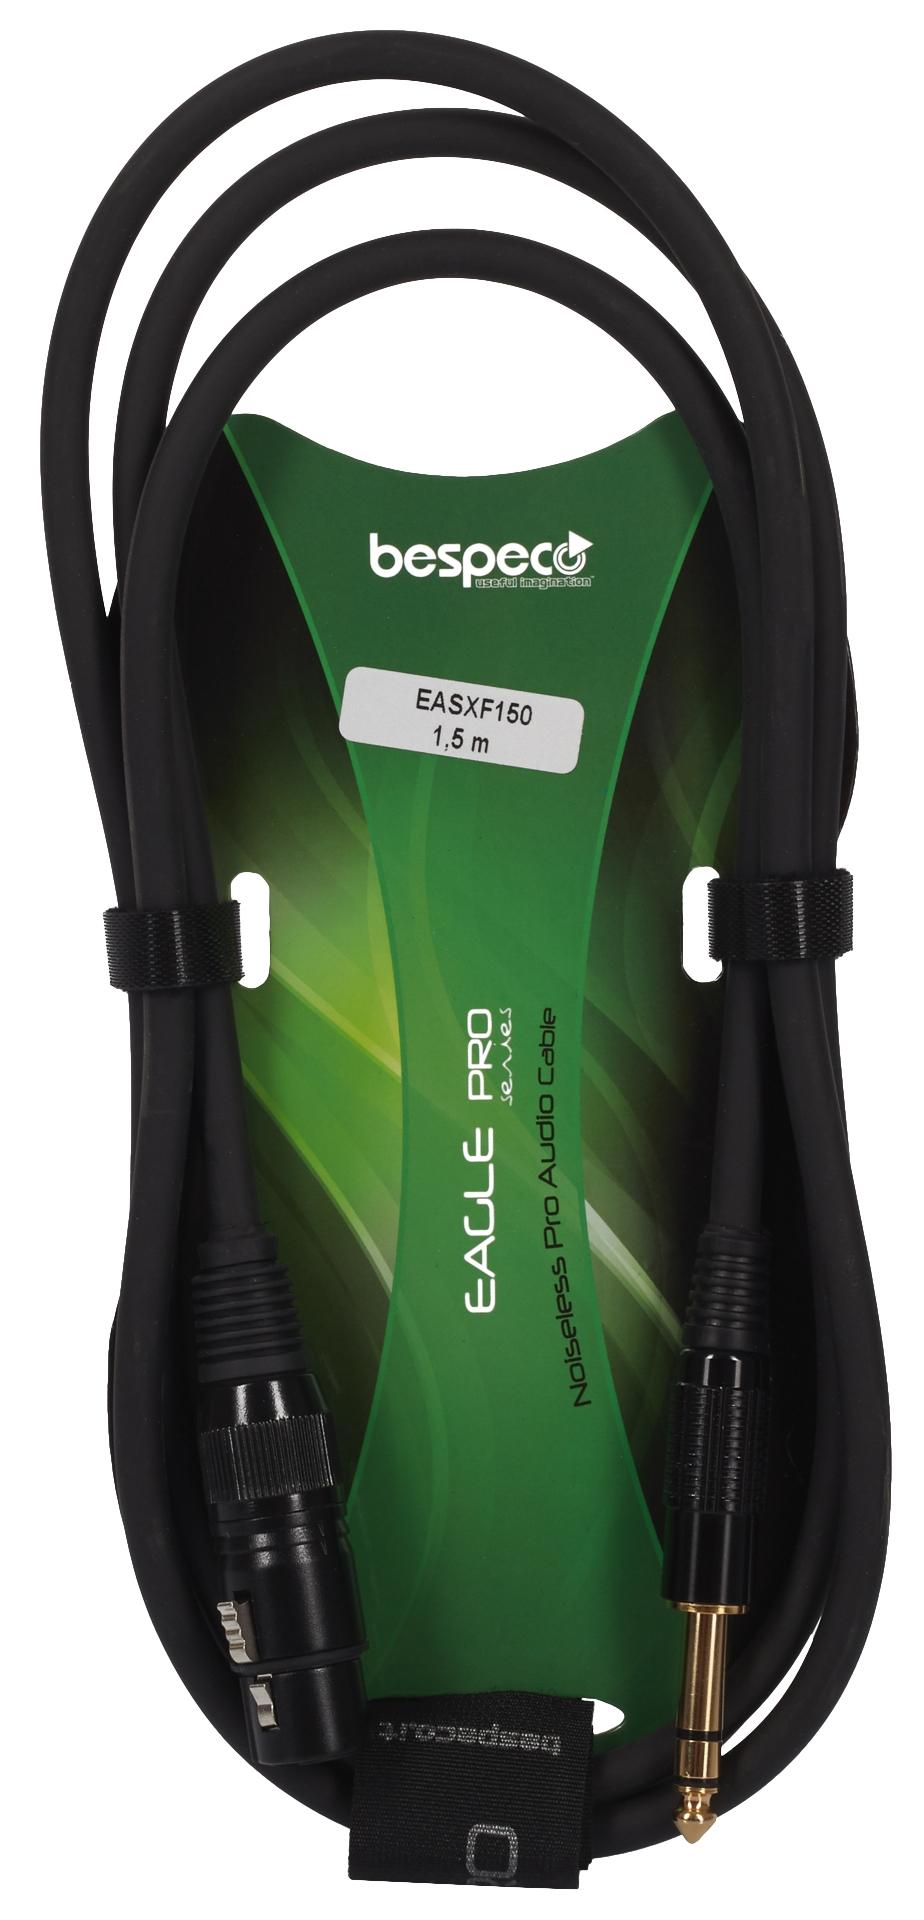 BESPECO EASXF150